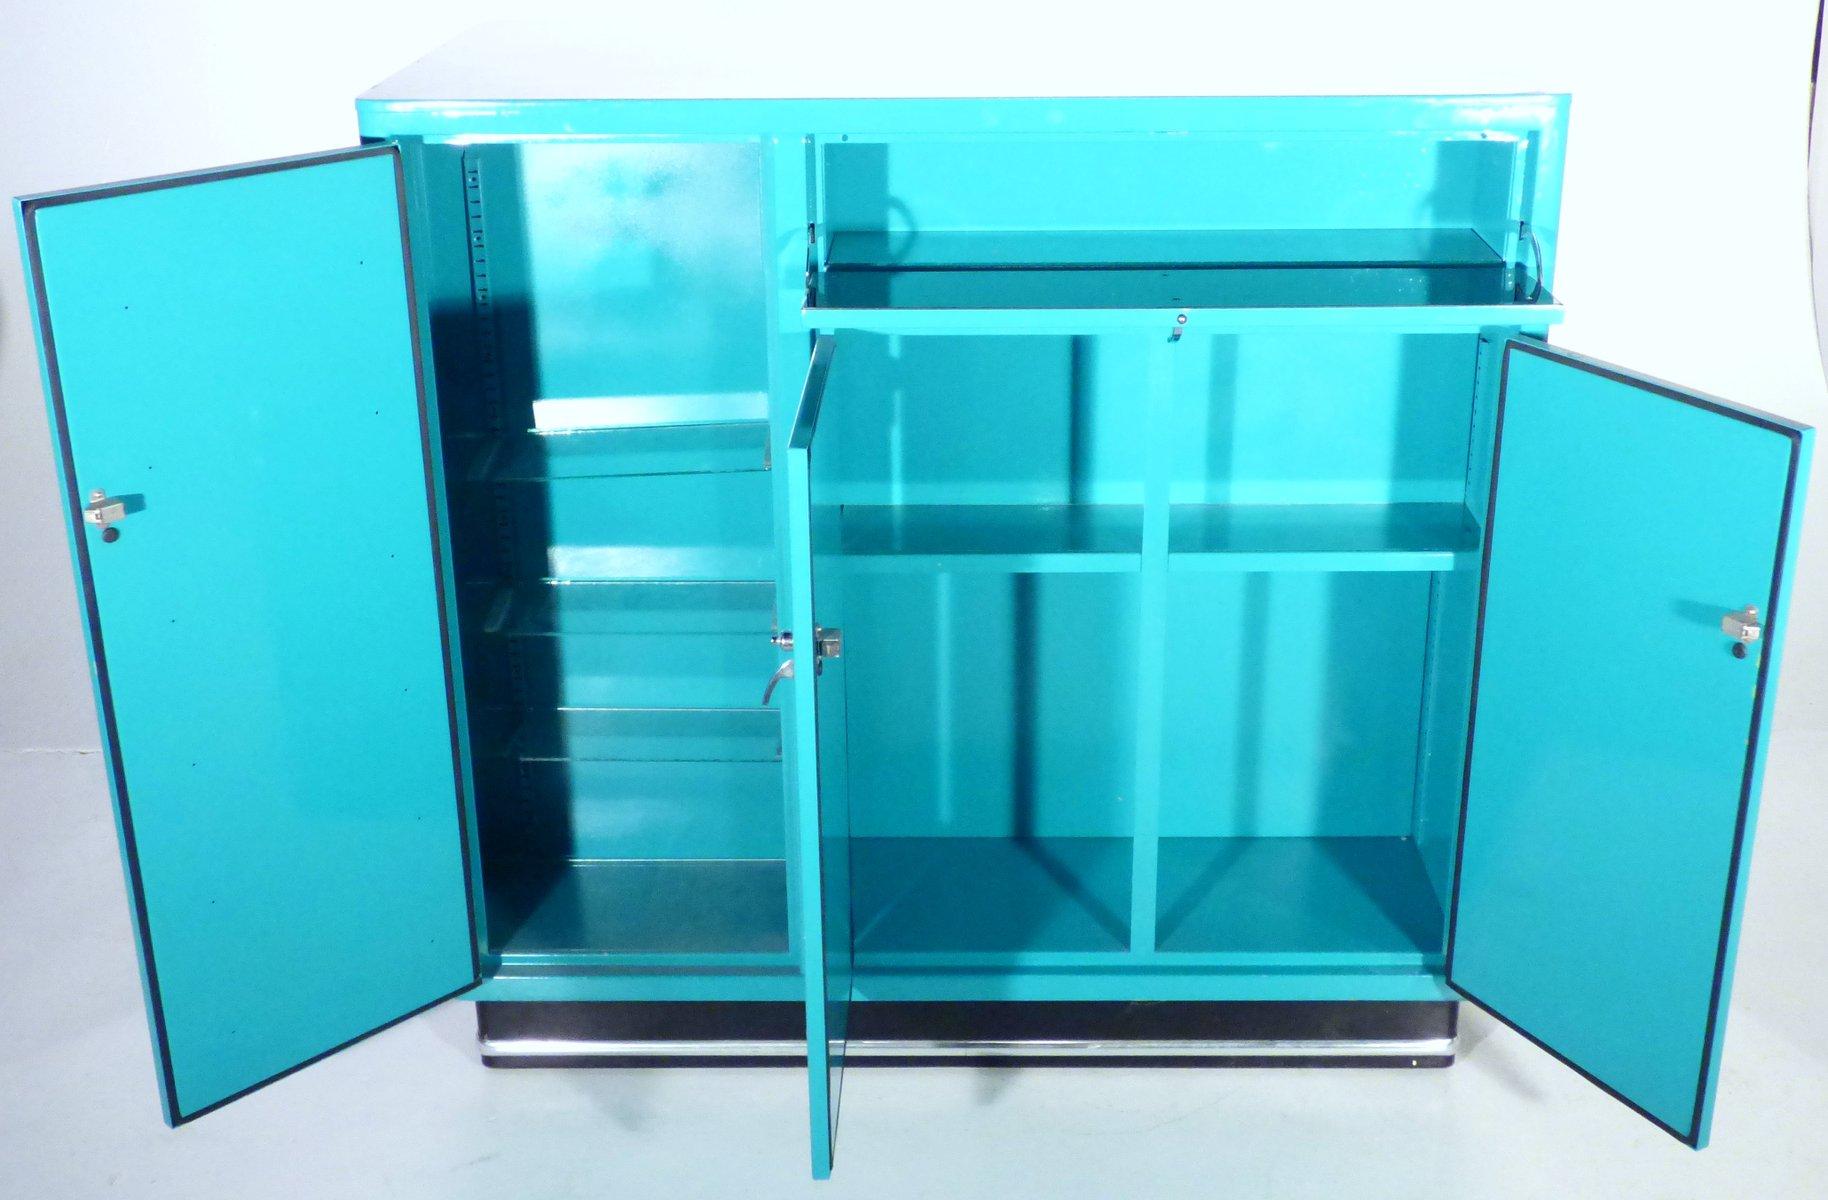 armoire pharmacie vintage turquoise par karl baisch en vente sur pamono. Black Bedroom Furniture Sets. Home Design Ideas